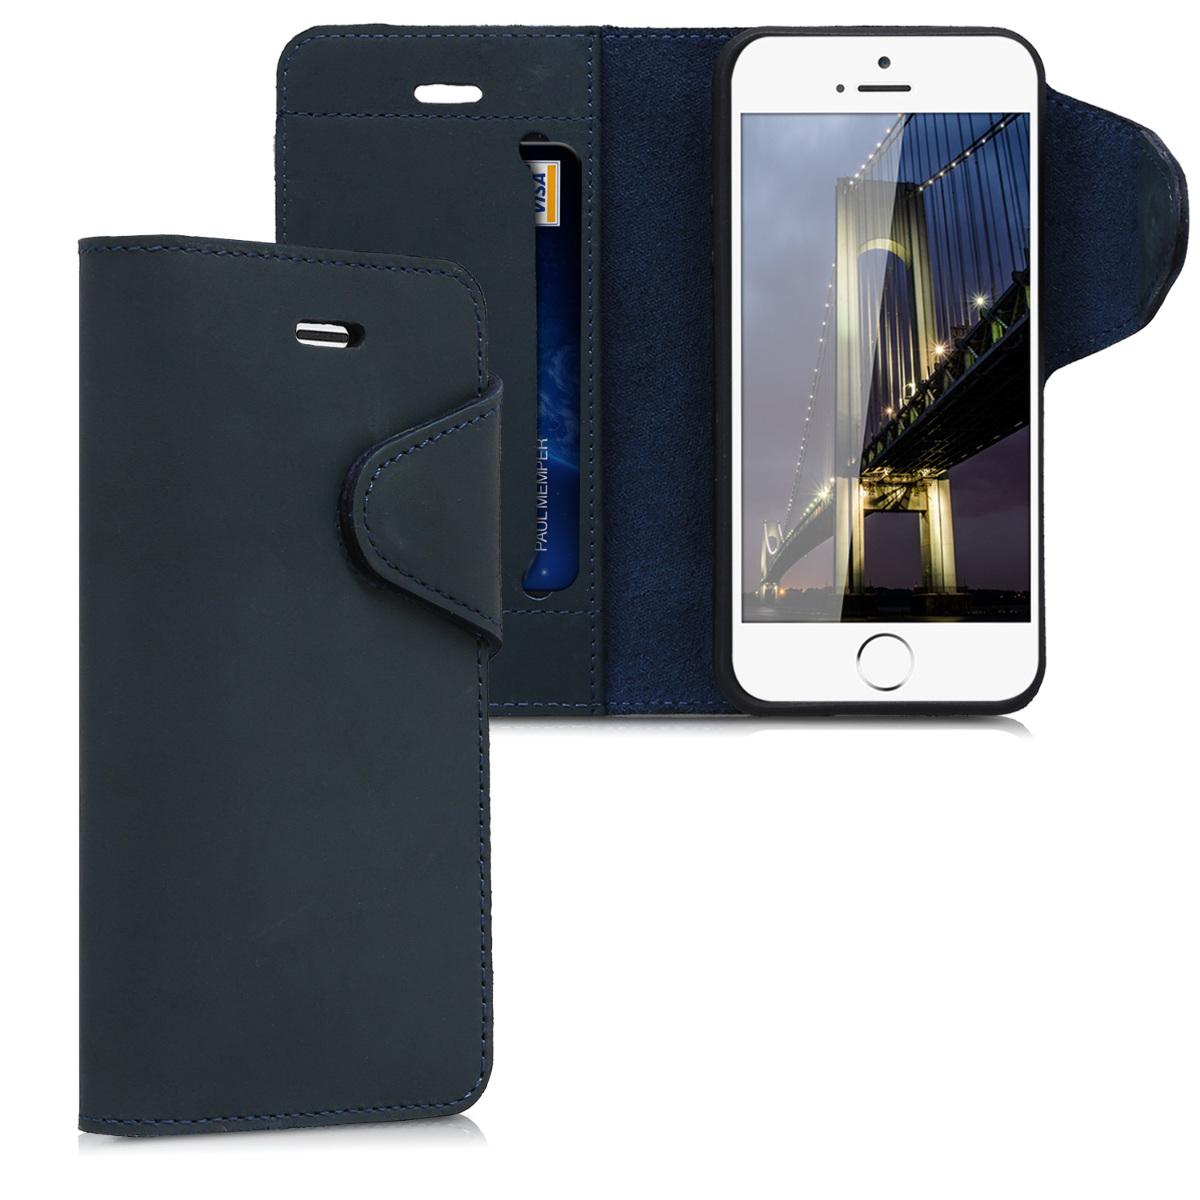 Kalibri Δερμάτινη Suede Θήκη - Πορτοφόλι Apple iPhone SE / 5 / 5S - Dark Blue (38792.17)